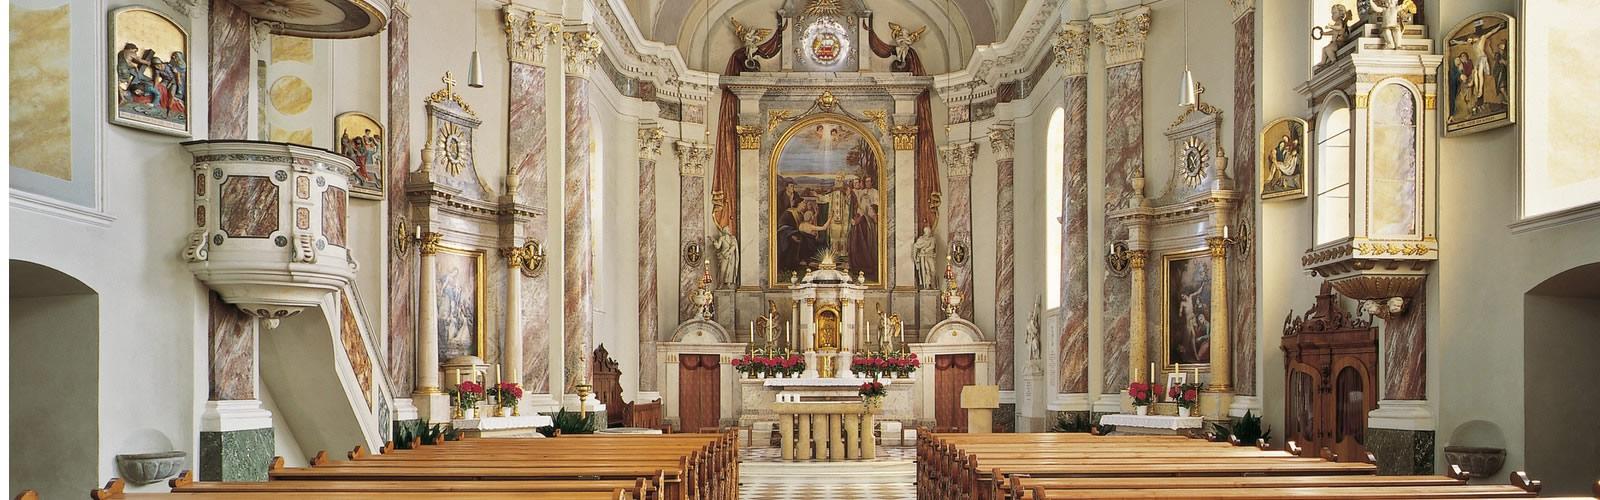 Pfarrkirche Nals